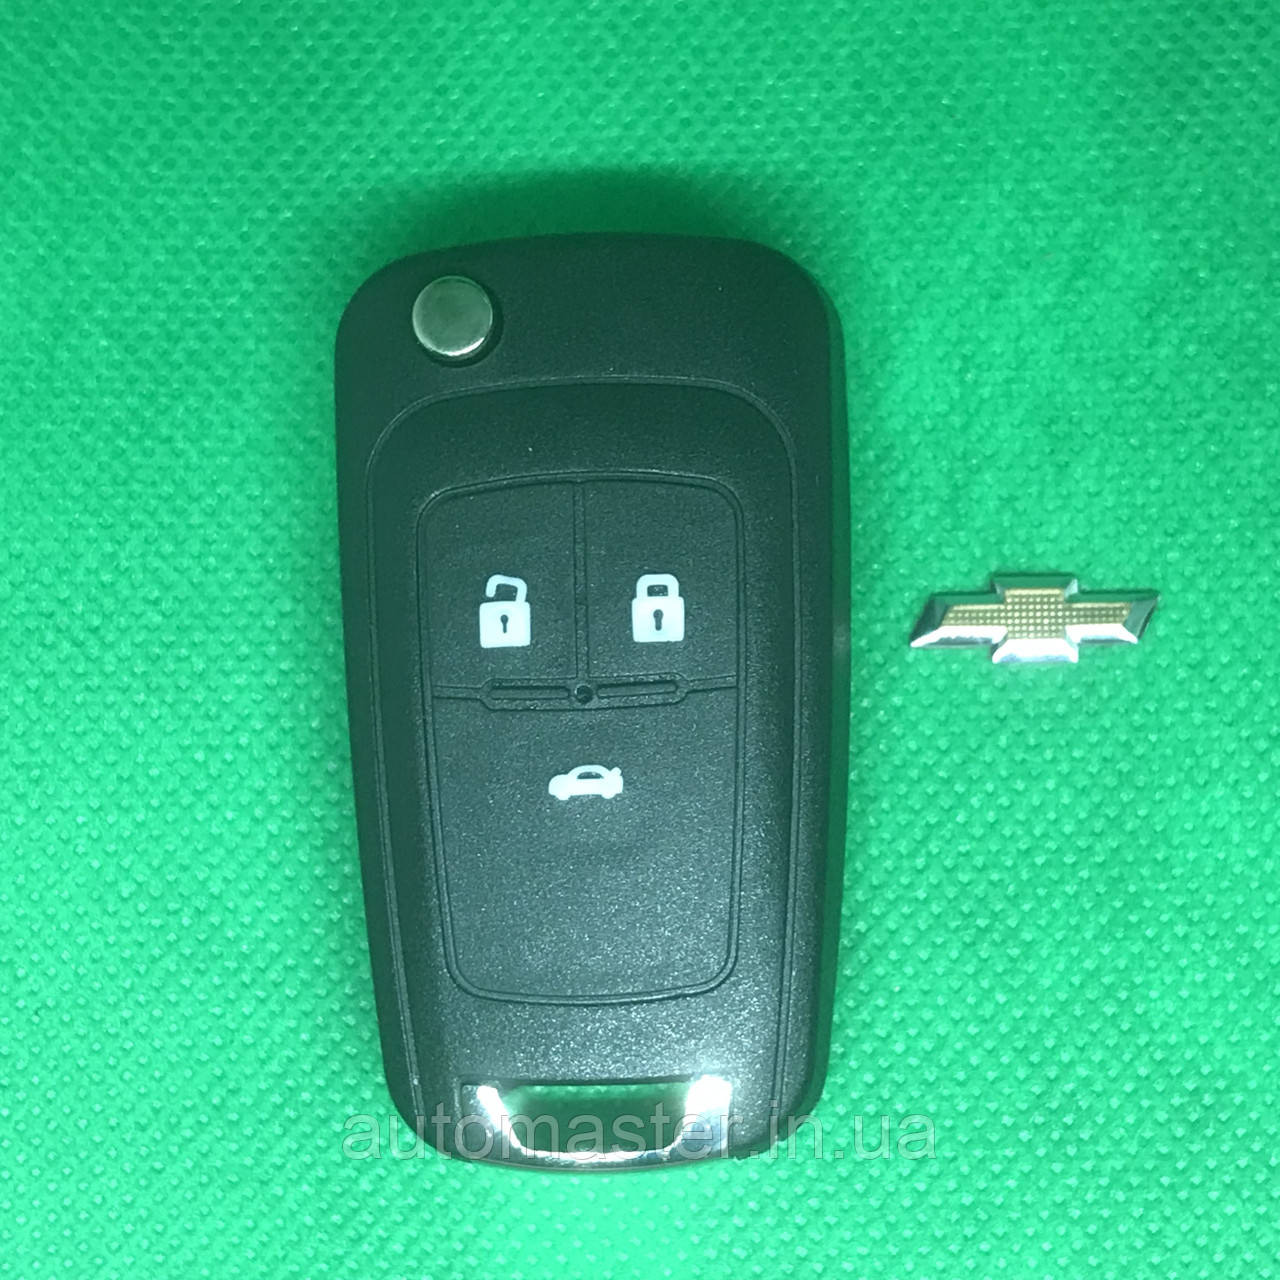 Выкидной ключ для Chevrolet (Шевролет) Cruze 3-кнопки 433 MHZ чип ID 46 Лезвие HU100